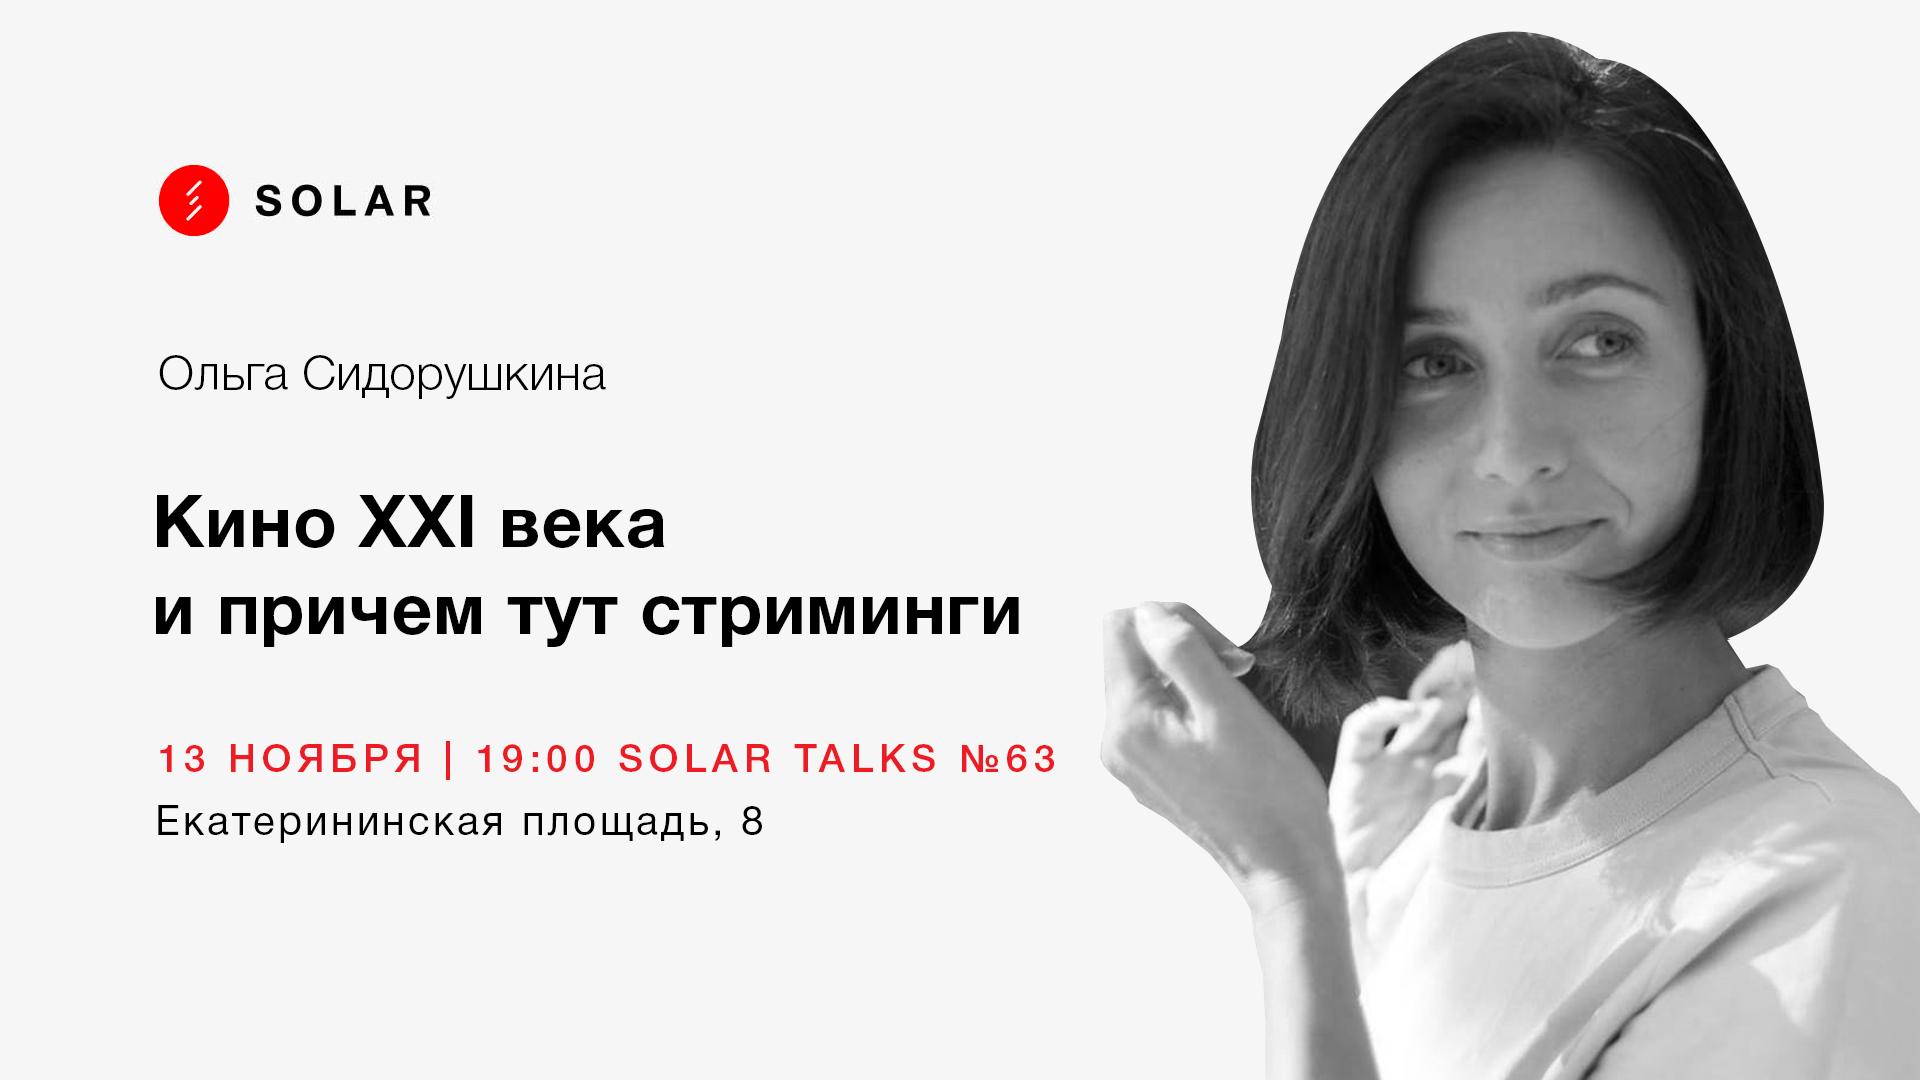 talks image